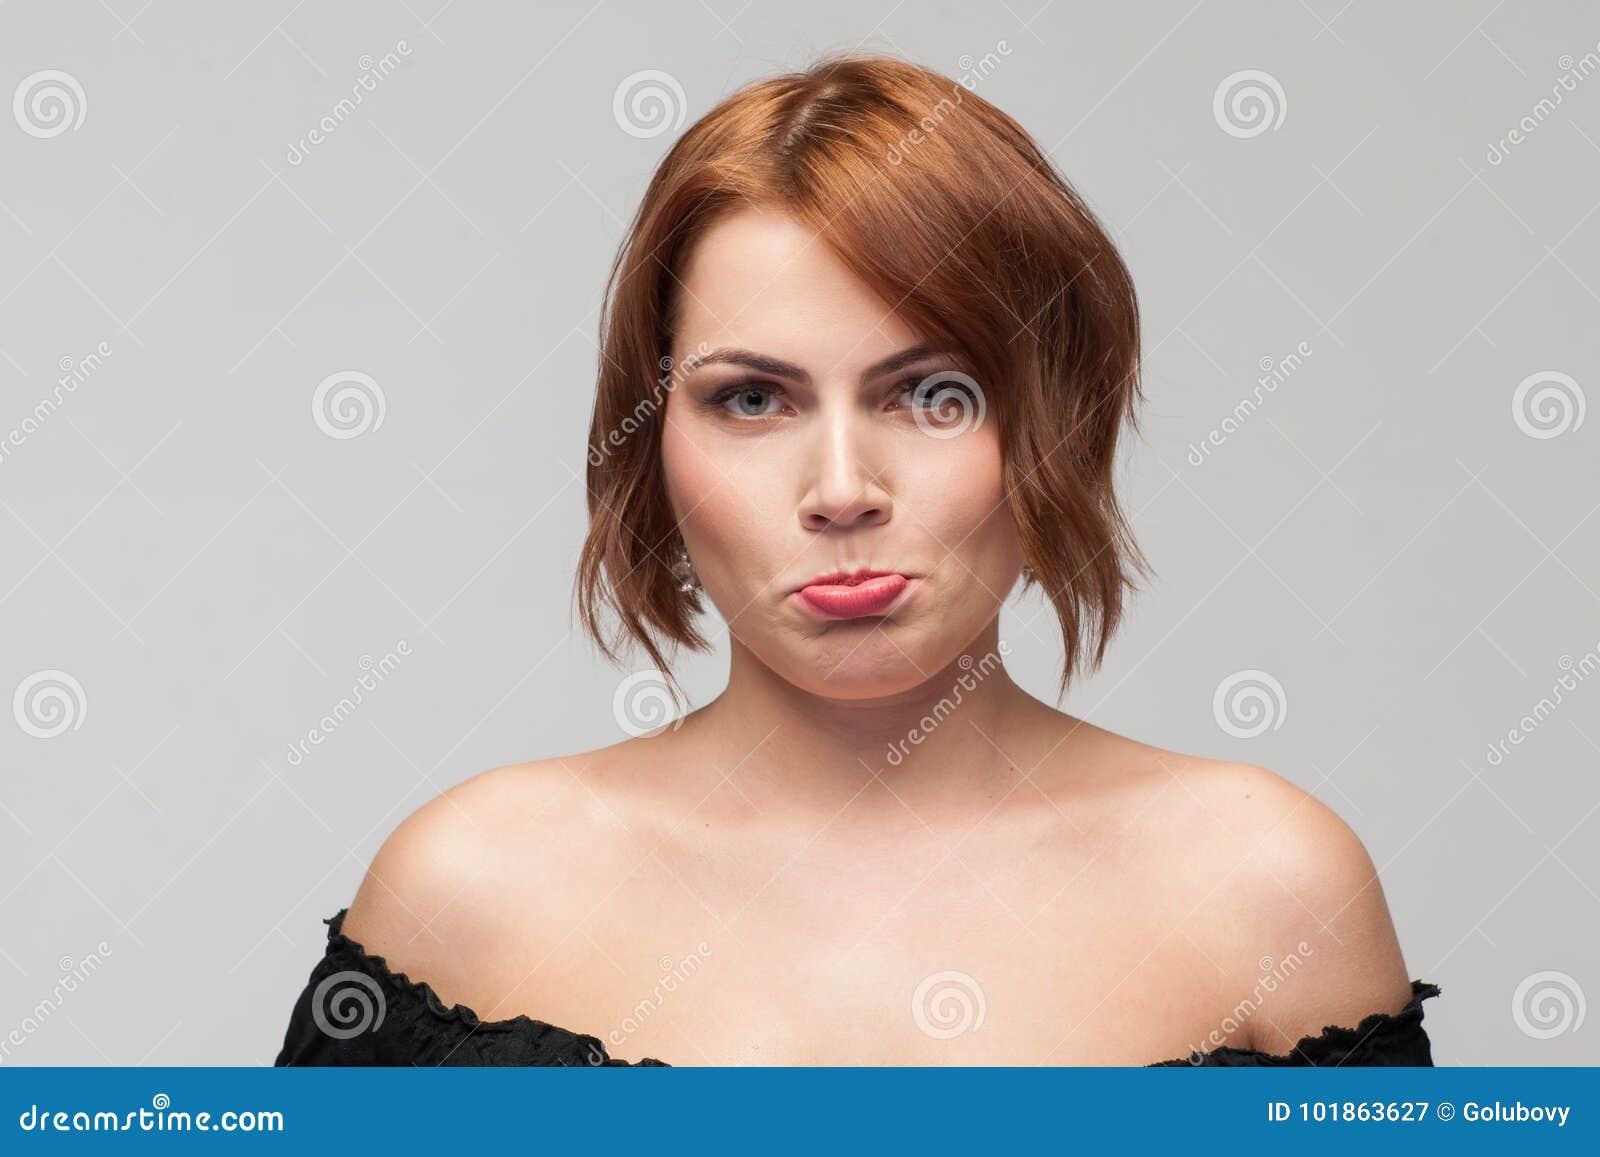 Comportement désagréable Offense de prise femelle